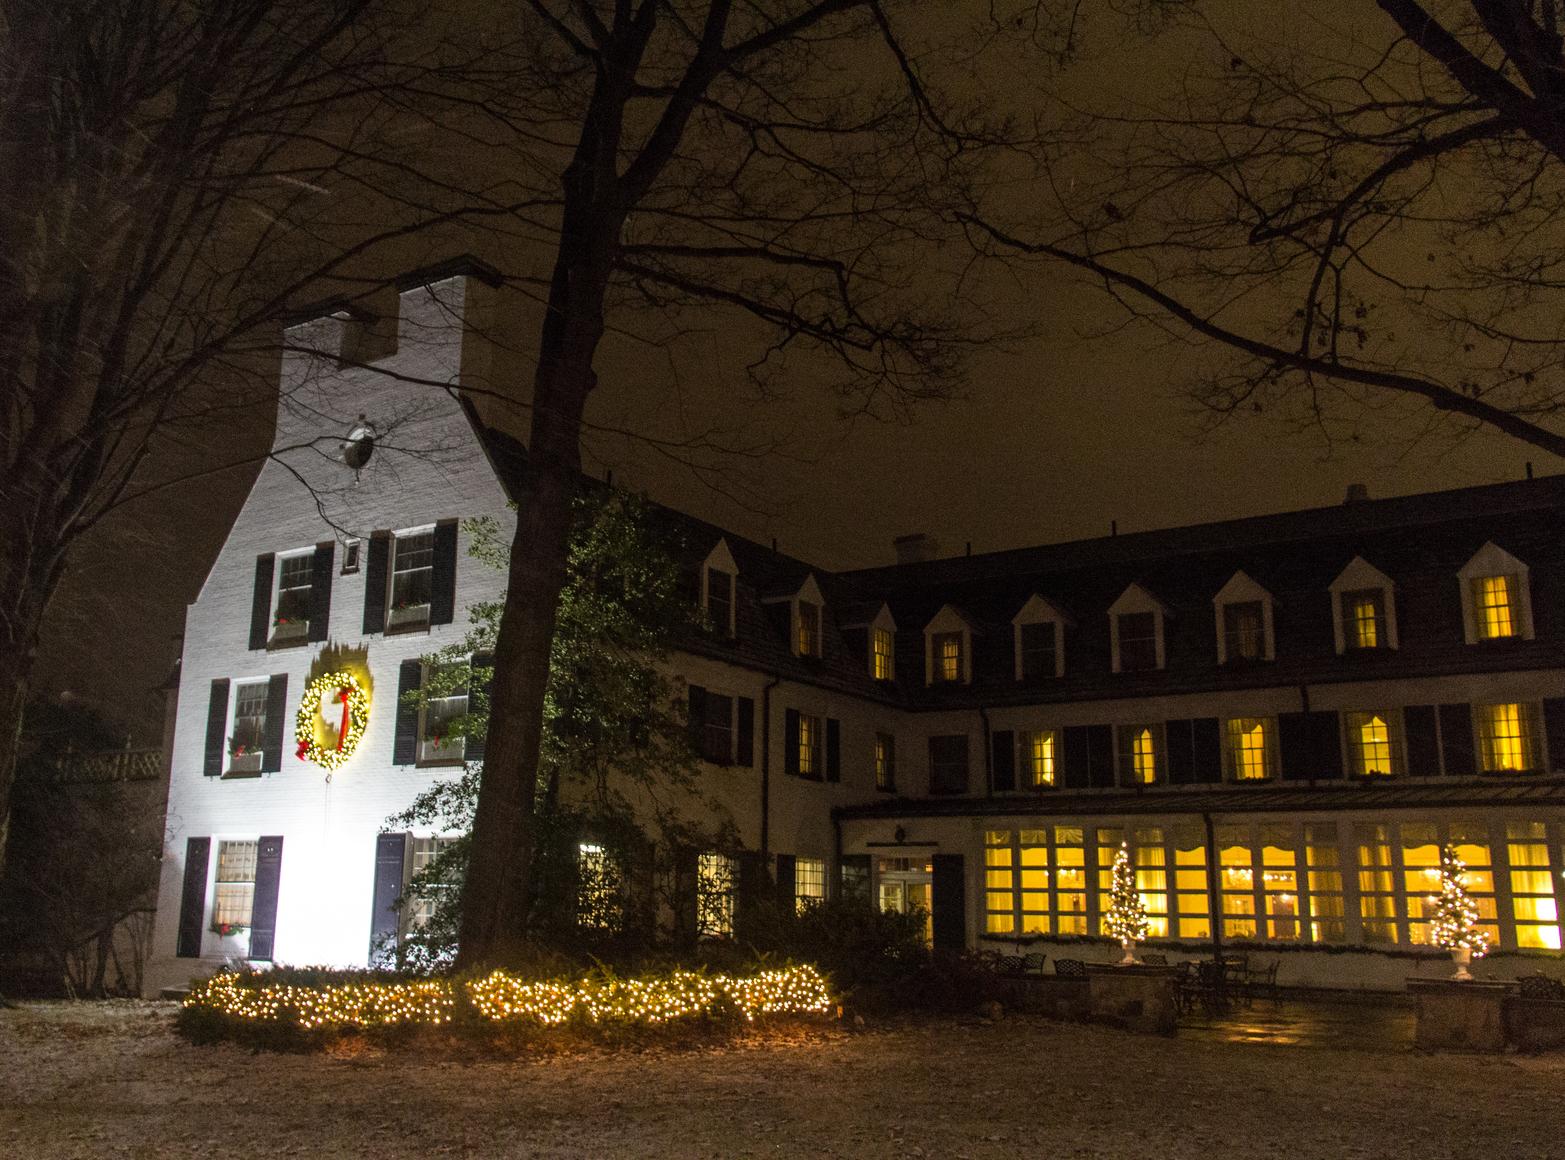 Penn State Student, Nittany Lion Inn Employee Passes Away - Onward ...